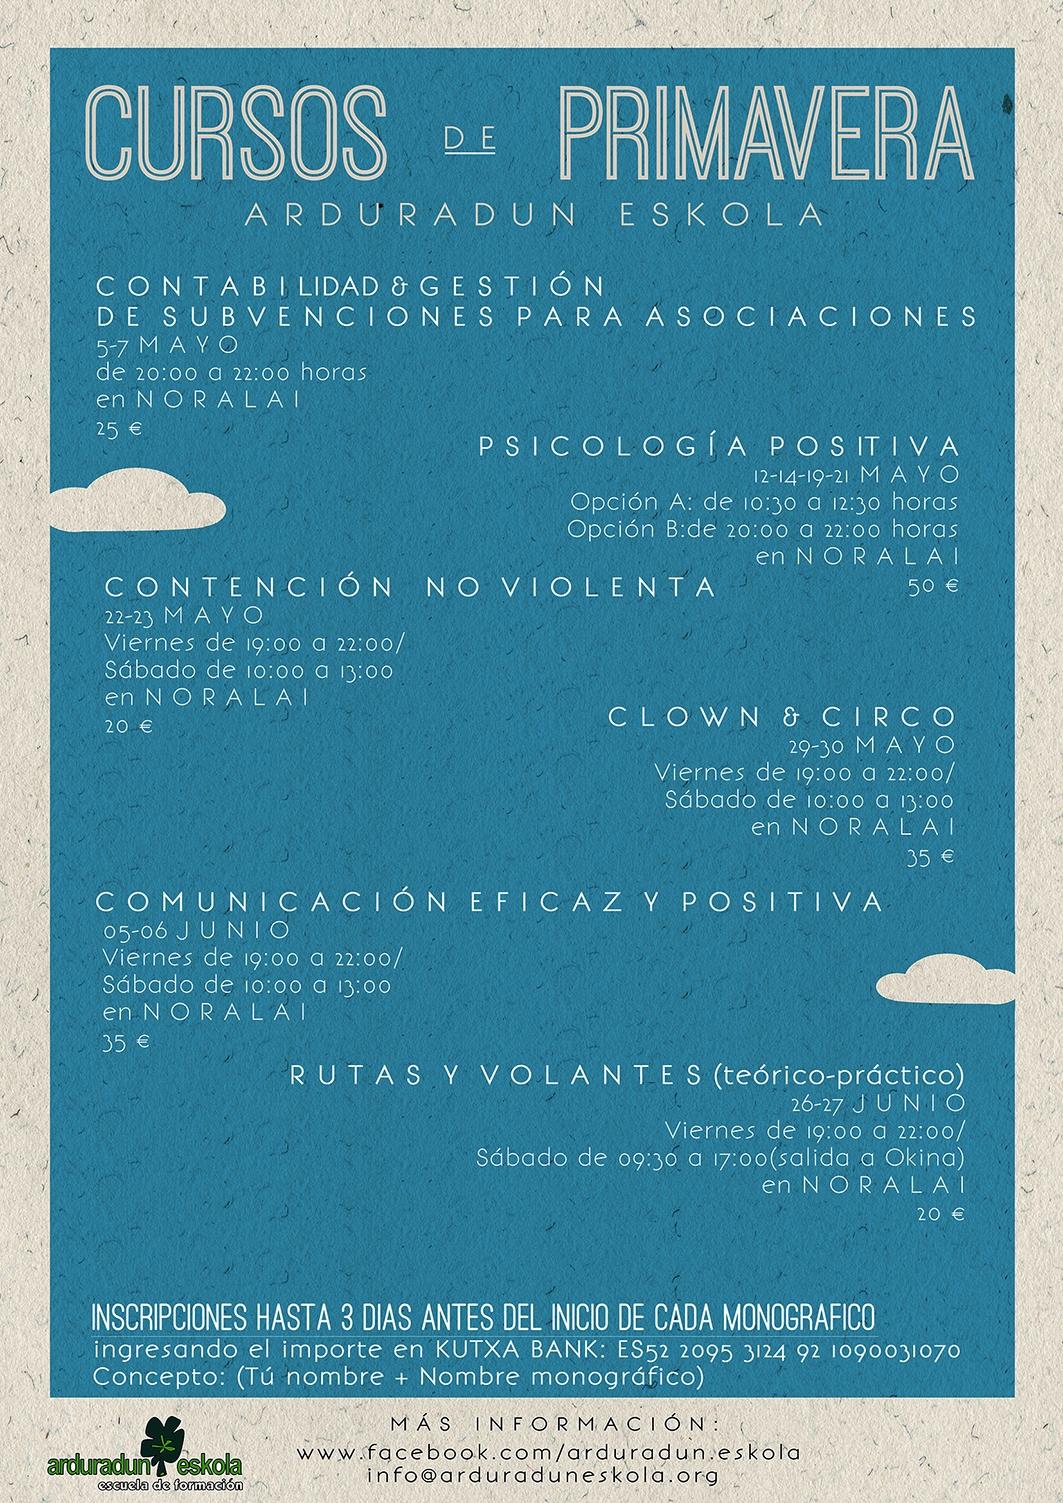 CURSOS DE PRIMAVERA